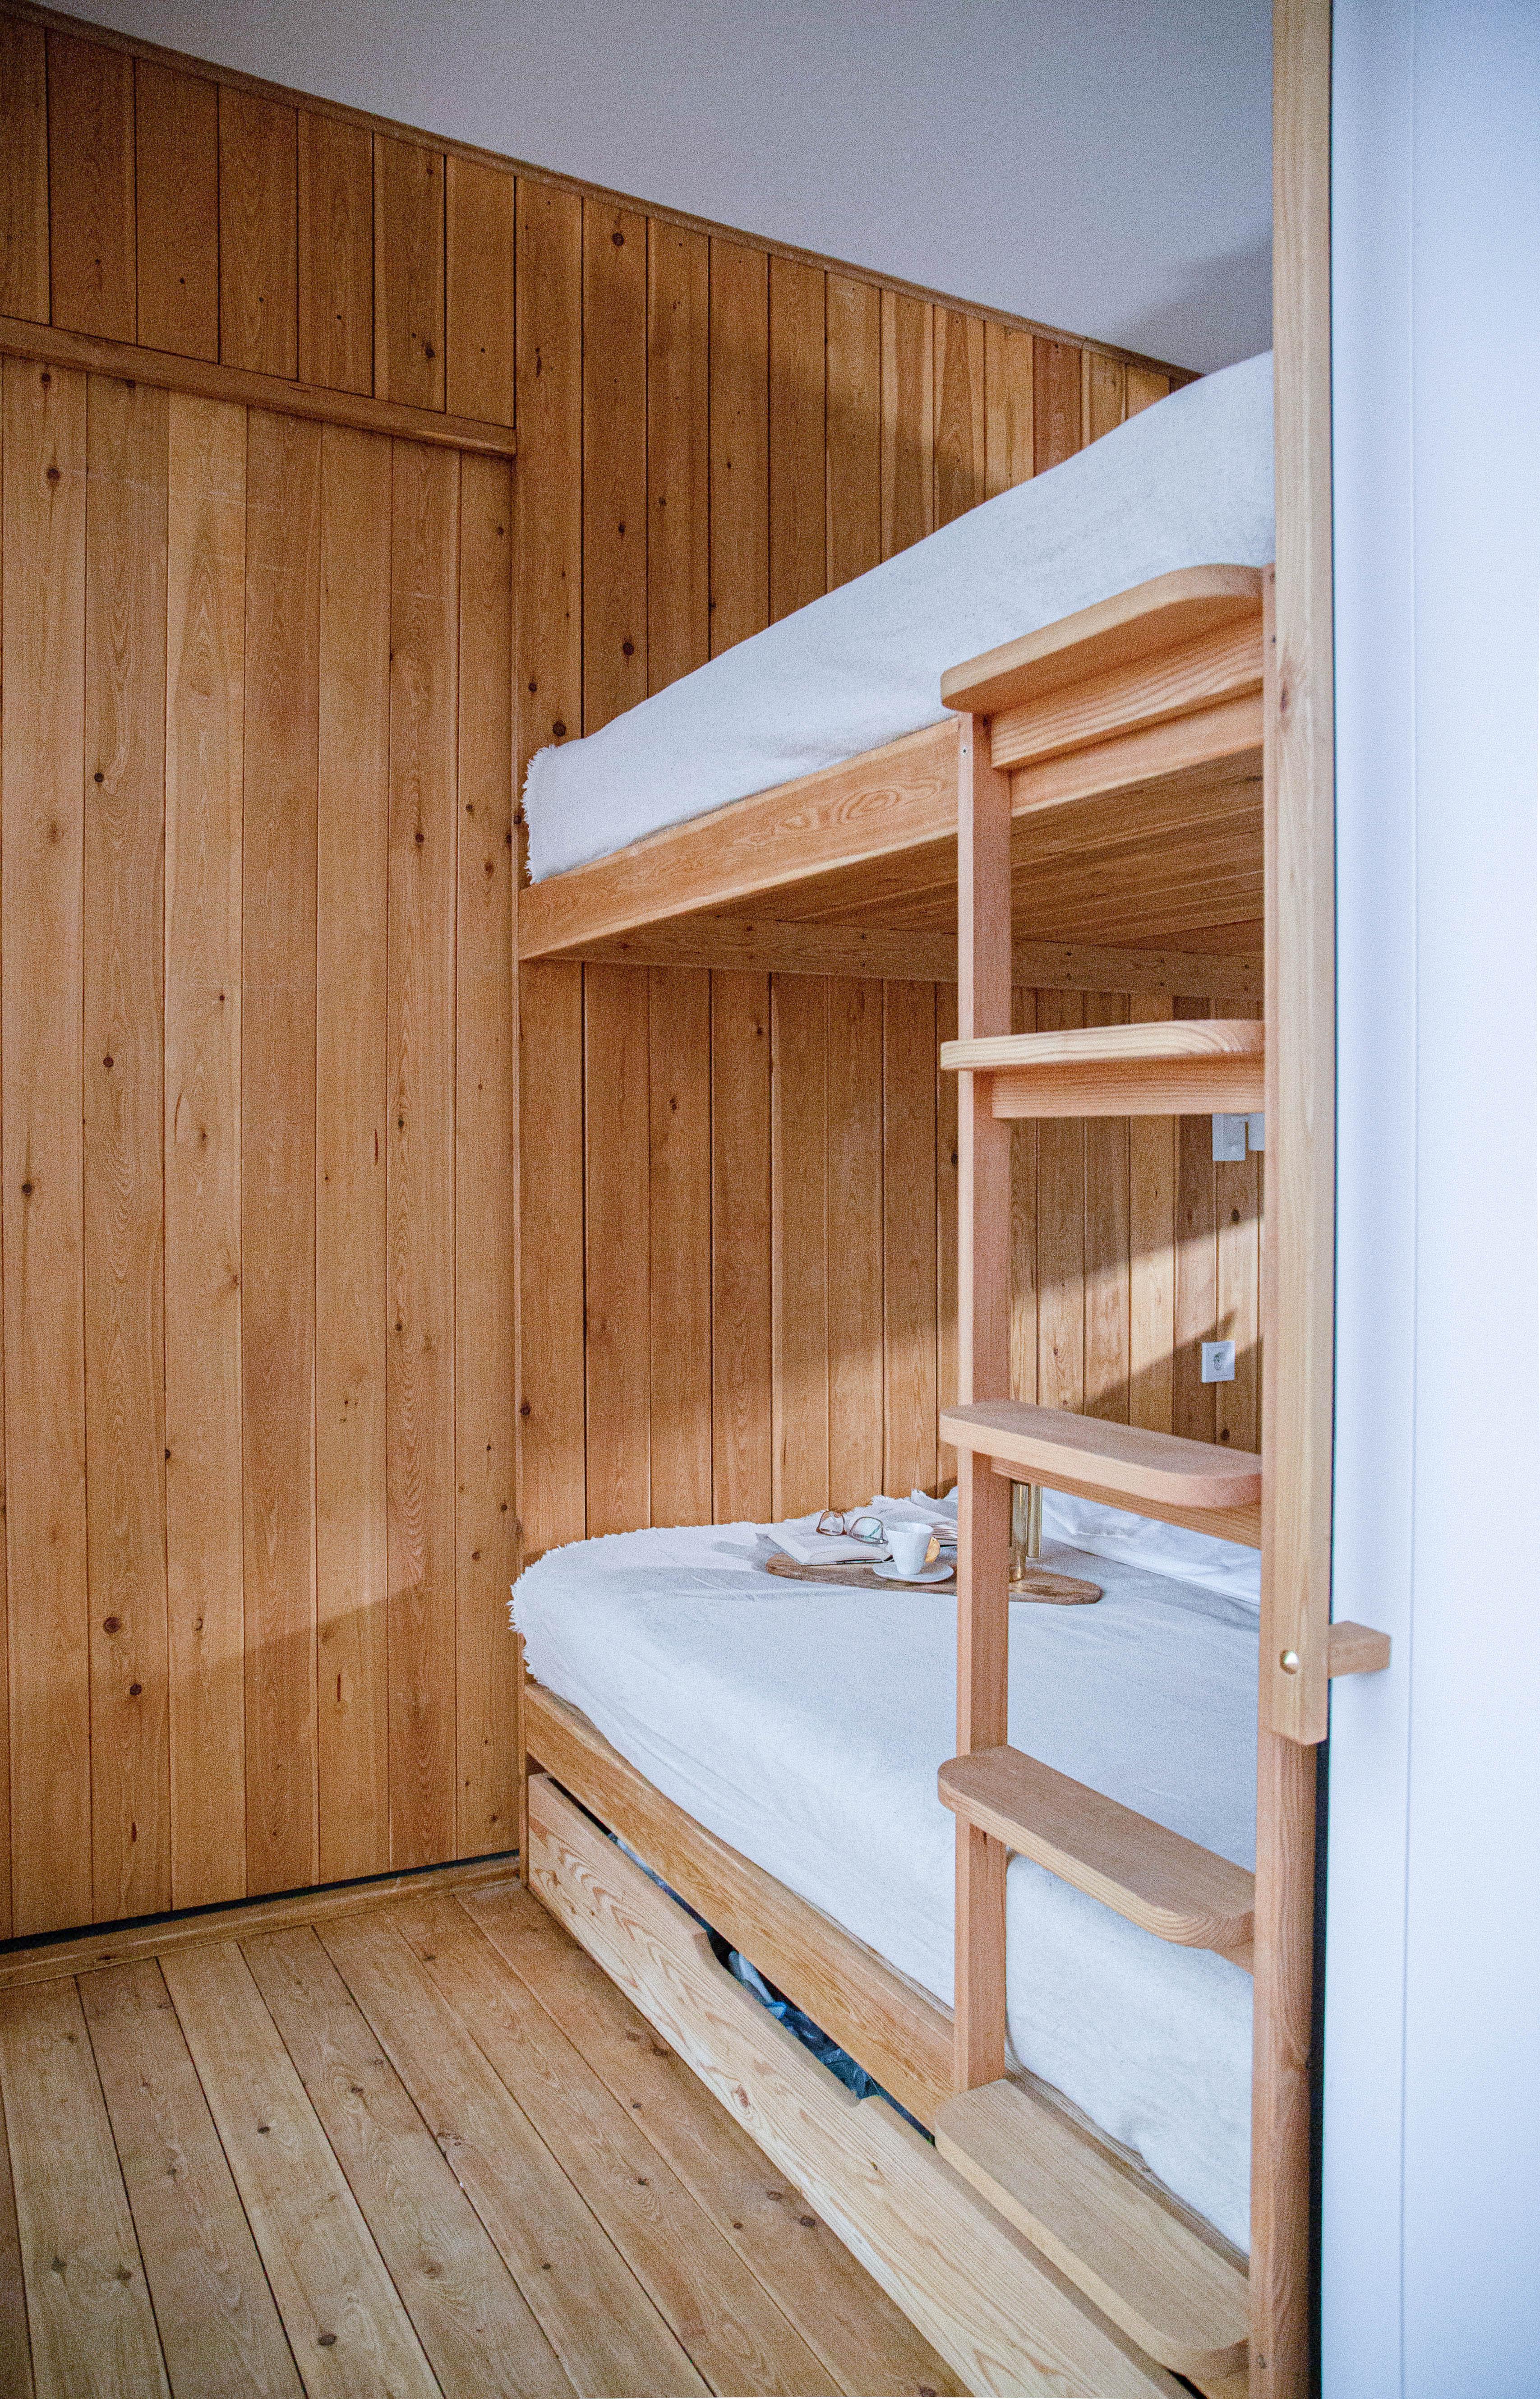 hejHUS w Strzyżach - Where will I sleep?